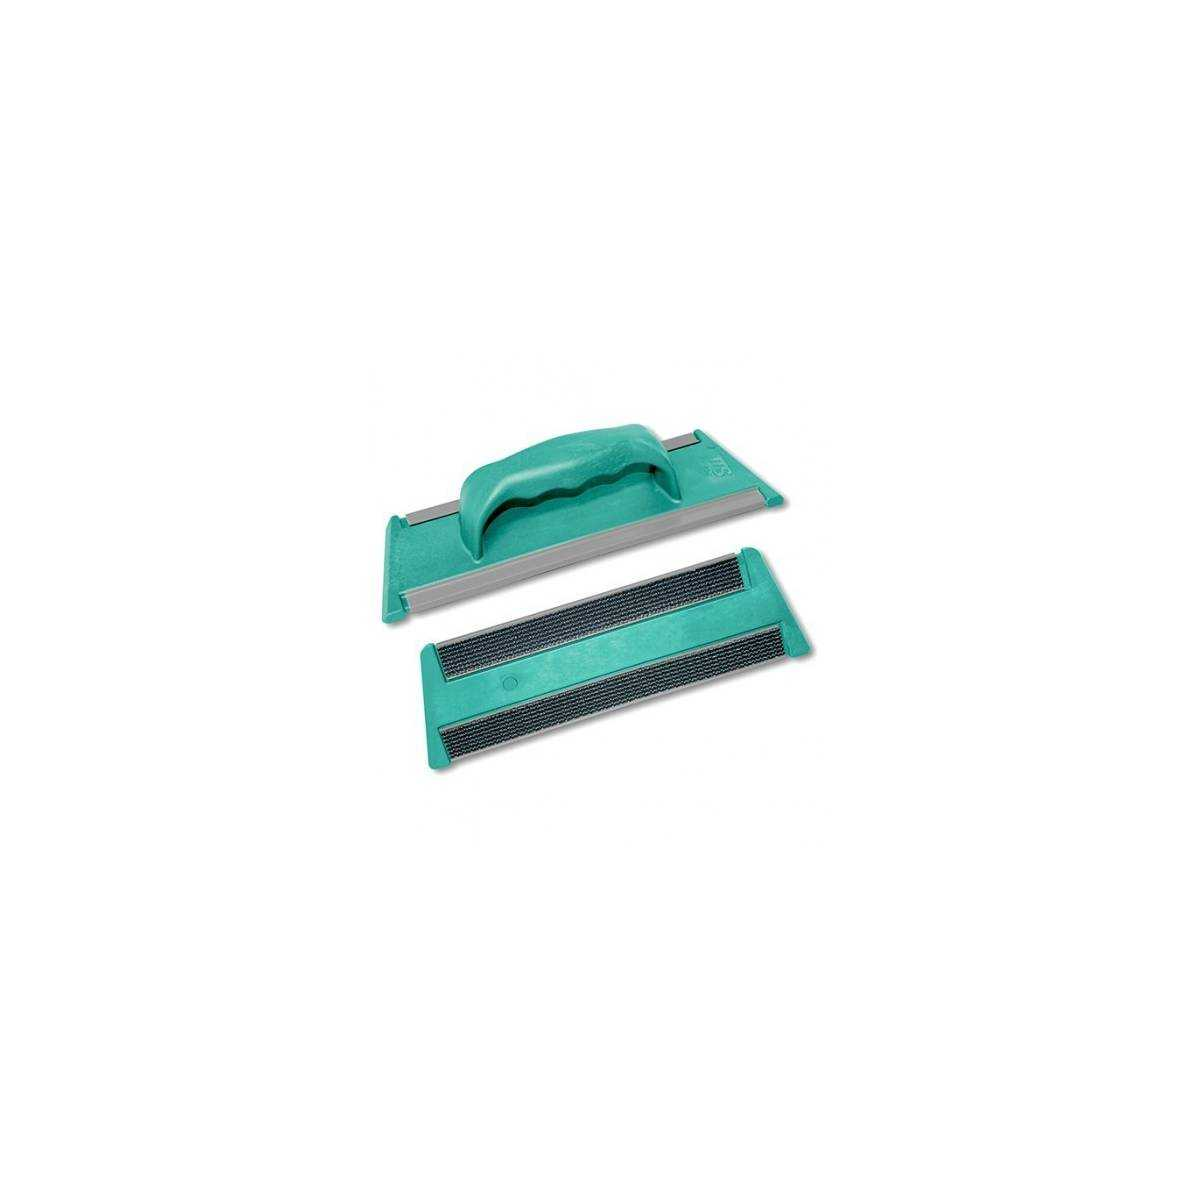 Основа мопа для уборки гладких поверхностей 00008702 TTS